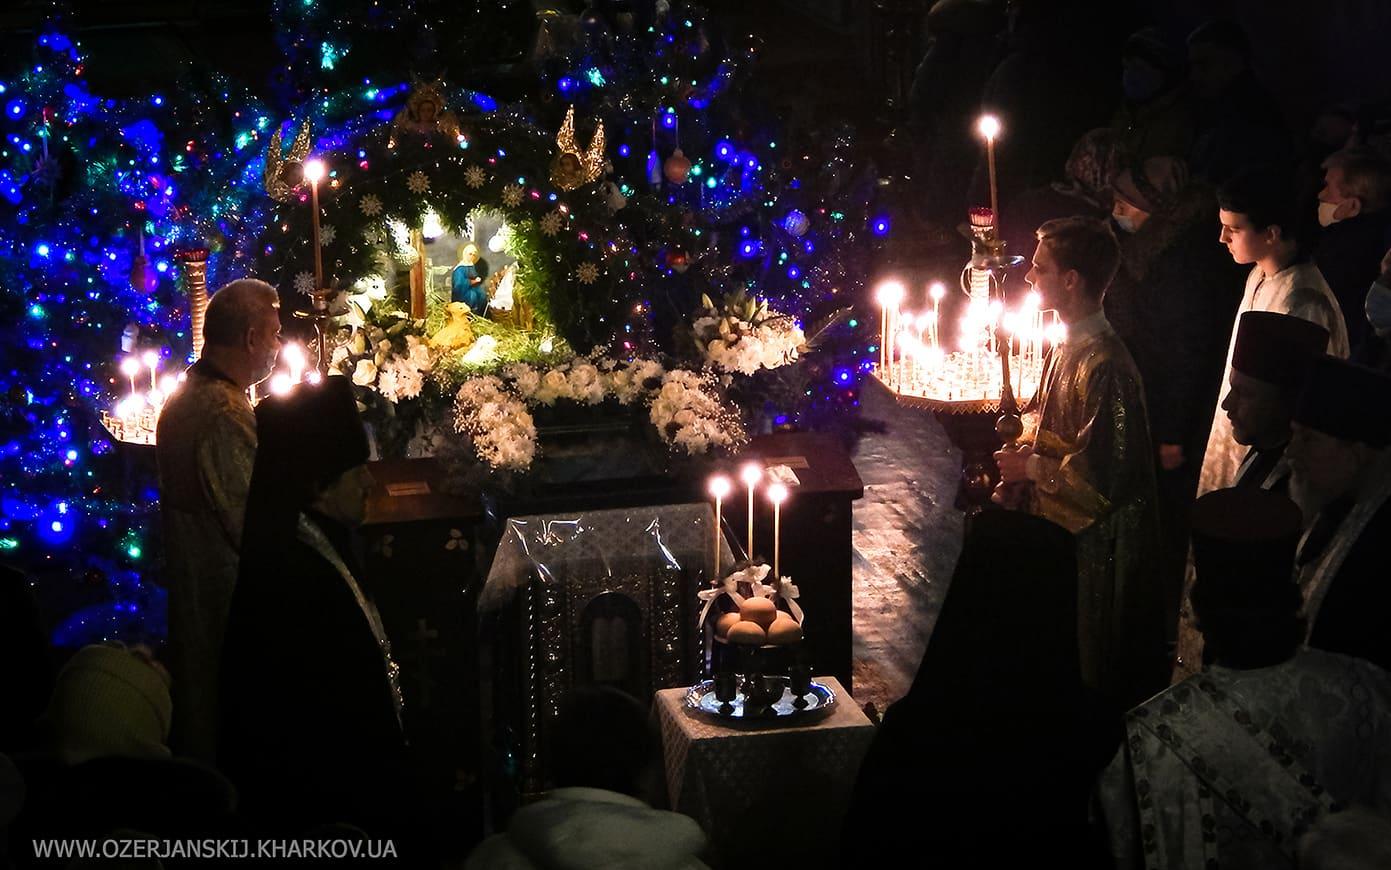 Свято-Озерянский храм. Рождество Христово, Всенощное Бдение, 6 января 2021 г.